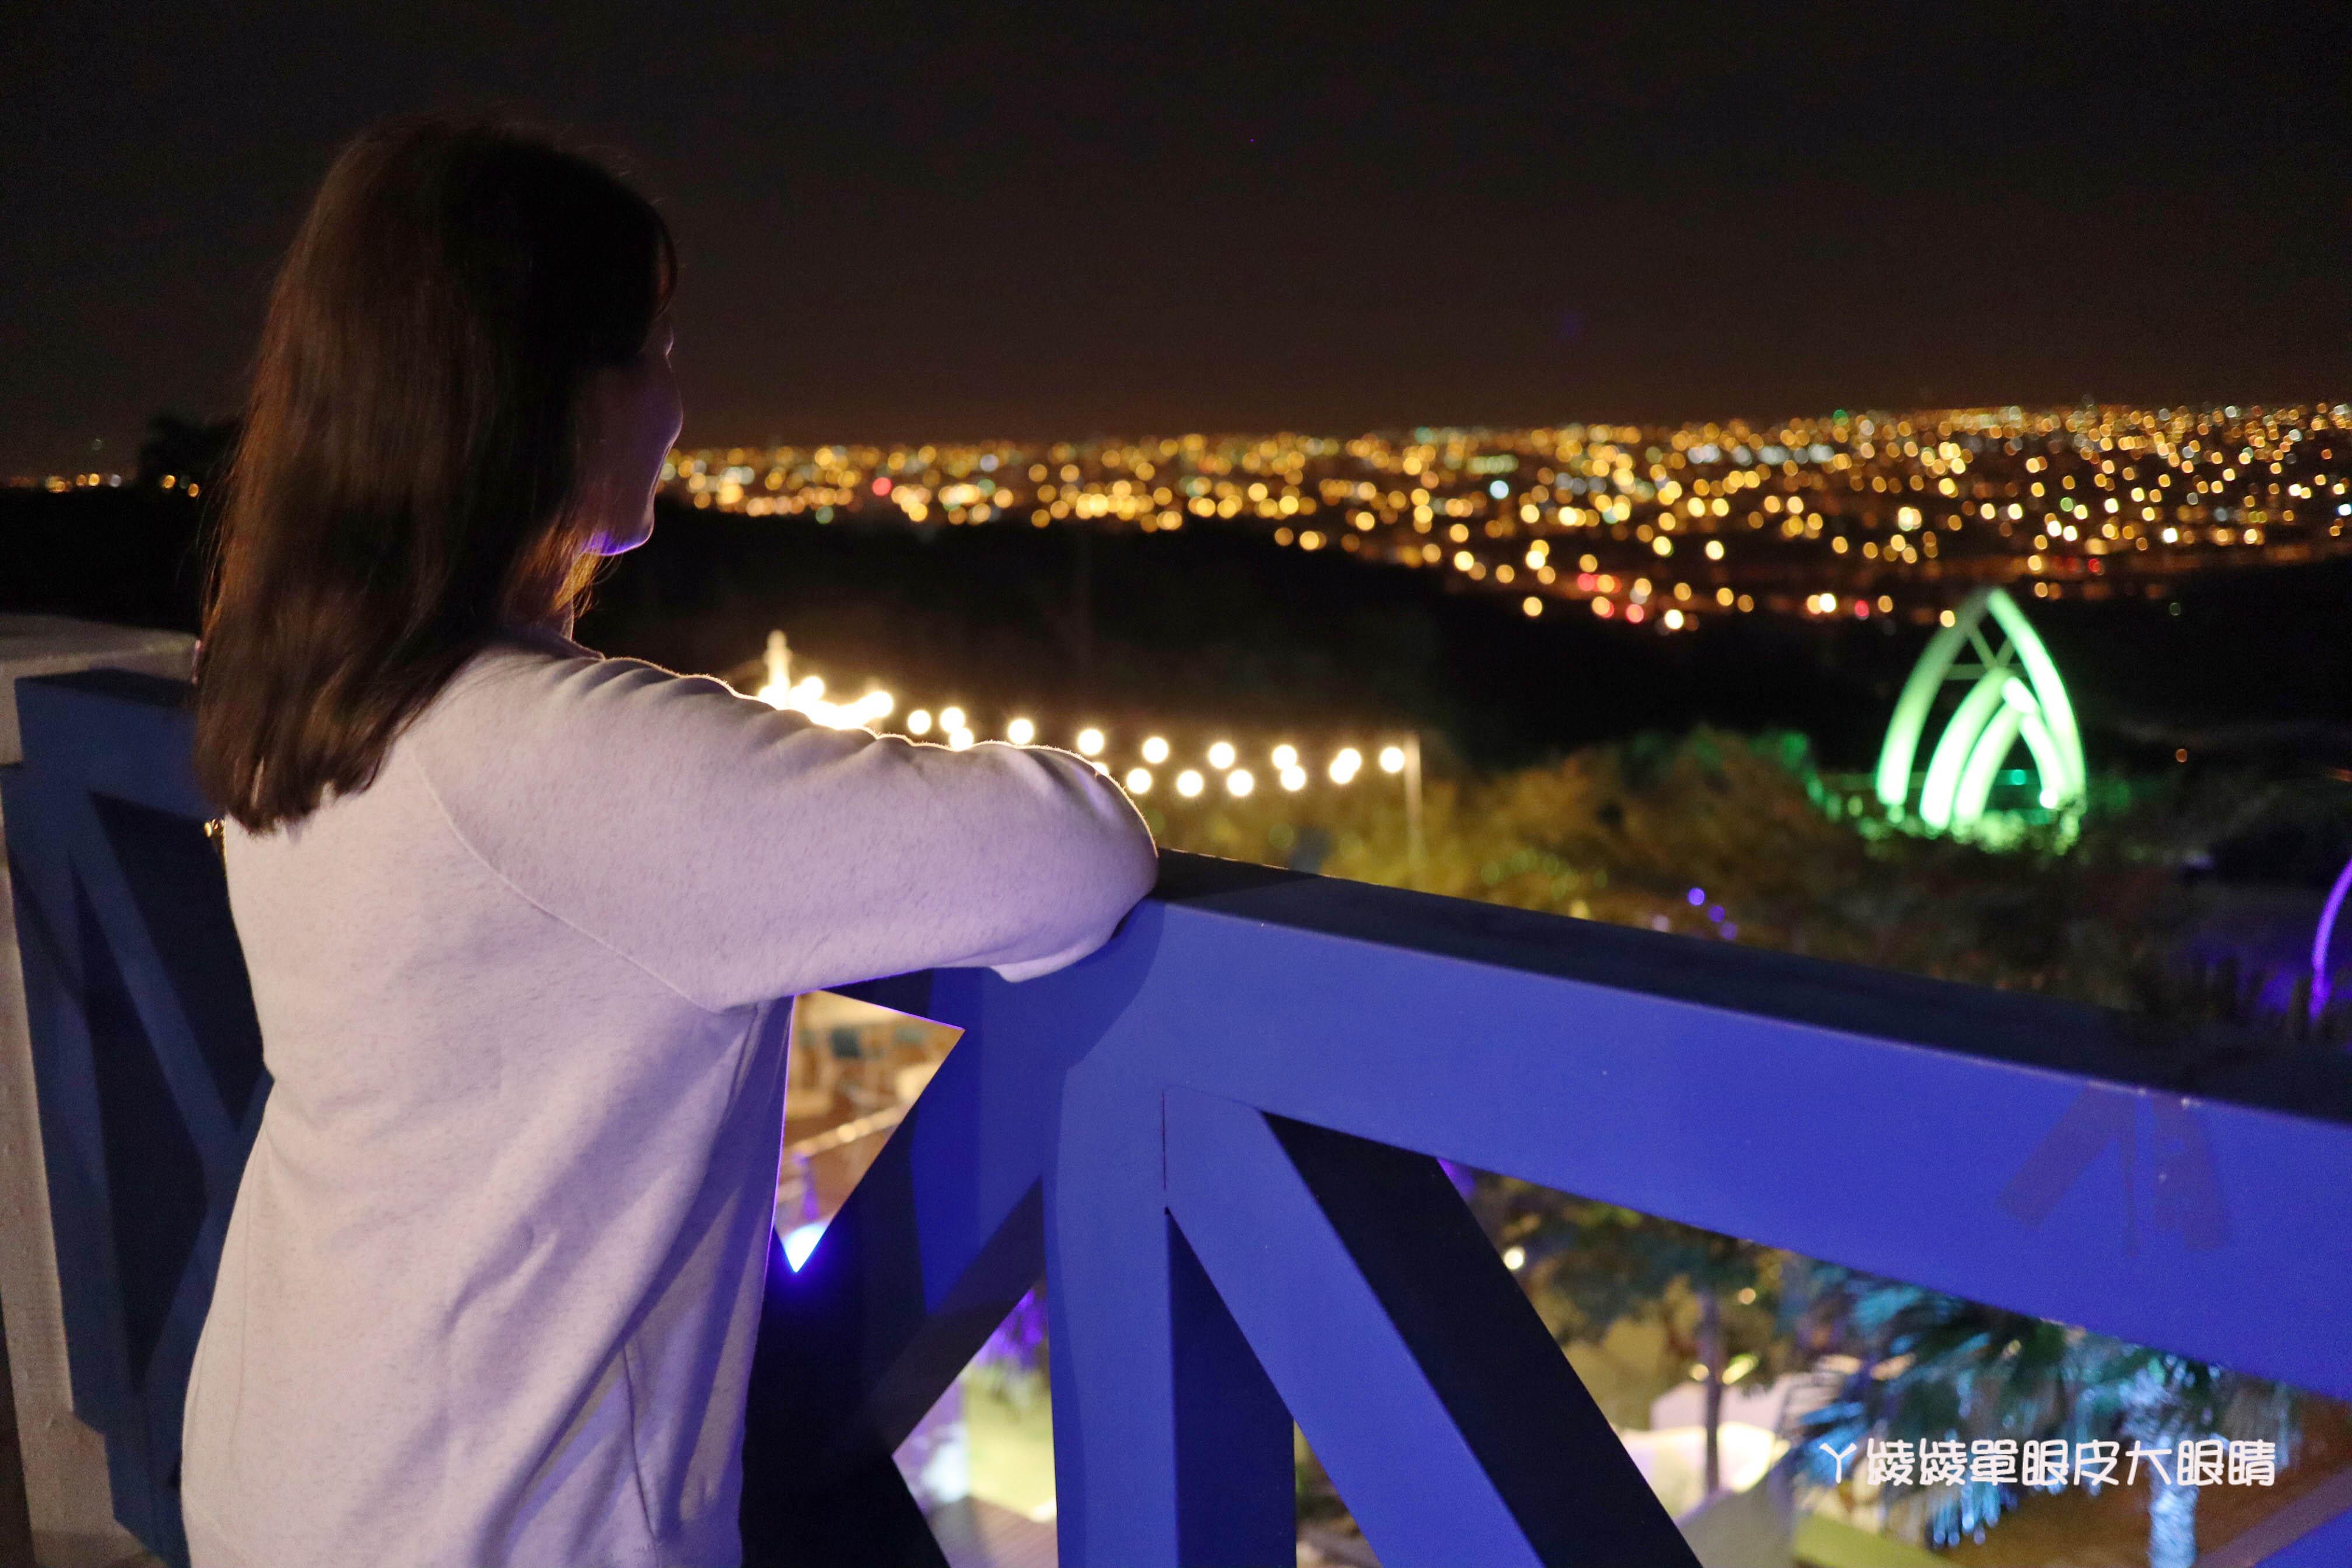 新竹賞夜景好去處!地中海異國風情建築超浪漫!週末帶女友出遊夜衝去